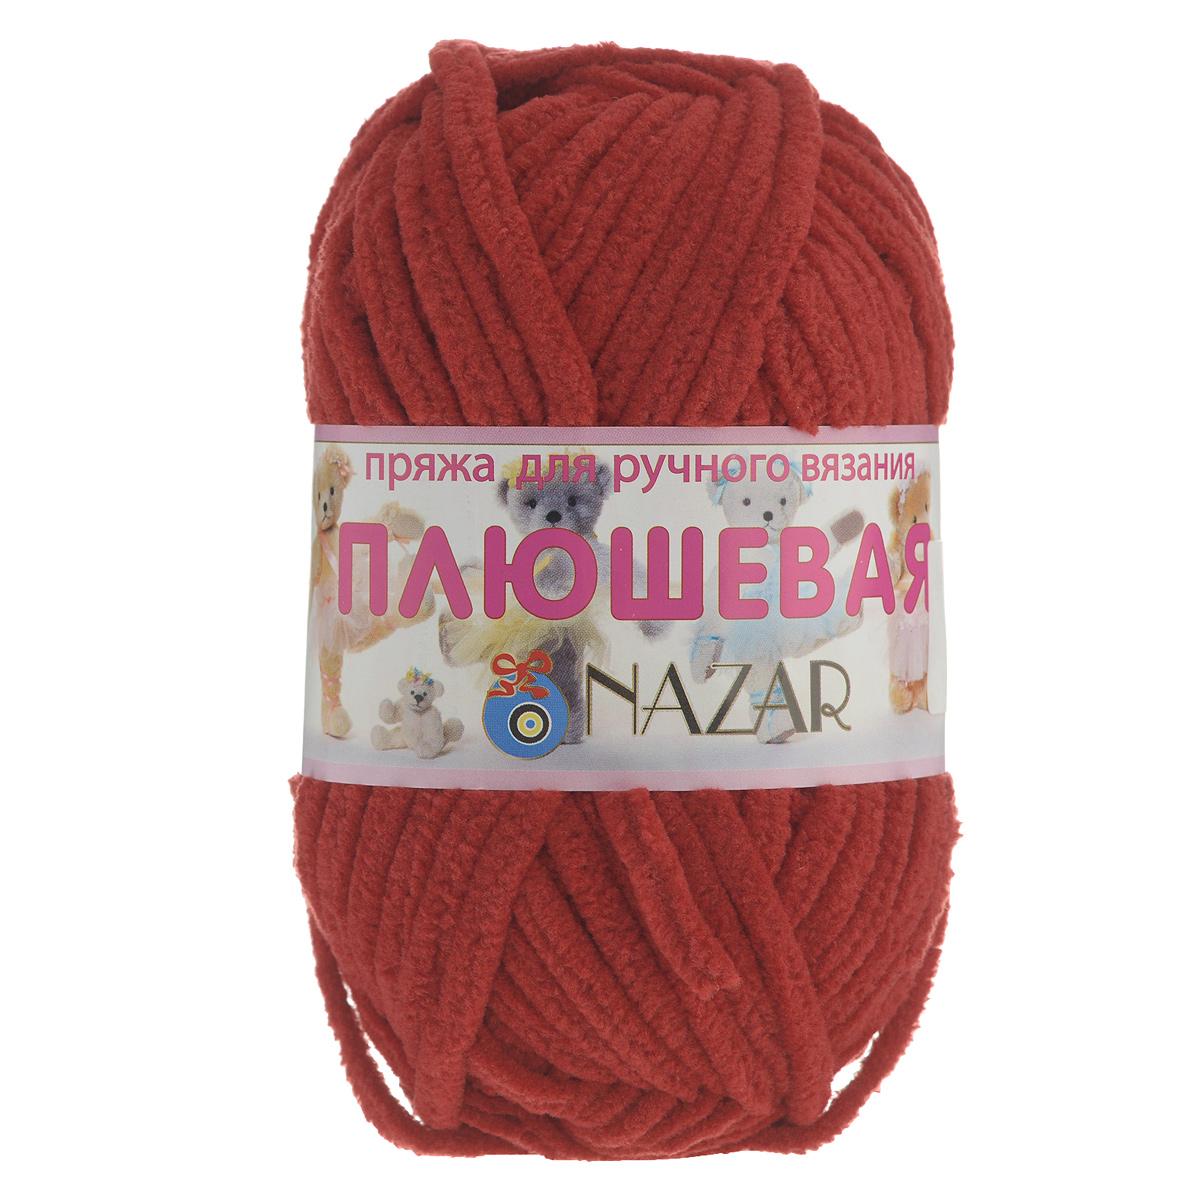 Пряжа для вязания Nazar Плюшевая, цвет: красный (7001), 38 м, 50 г, 10 шт349018_7001Пряжа для вязания Nazar Плюшевая изготовлена из 100% микрополиэстера. Ниточка очень мягкая, нежная, бархатистая, напоминает плюш. После стирки не линяет. Пряжа идеально подойдет для вязания детской верхней одежды, игрушек и аксессуаров для дома (подушек, пледов, ковриков). Вязание получается рыхлым и состоящим из бугорков, что имитирует кудрявый мех. Рекомендуемый размер крючка и спиц - 6 мм. Состав: 100% микрополиэстер. Комплектация: 10 шт. Ширина нити: 5 мм.